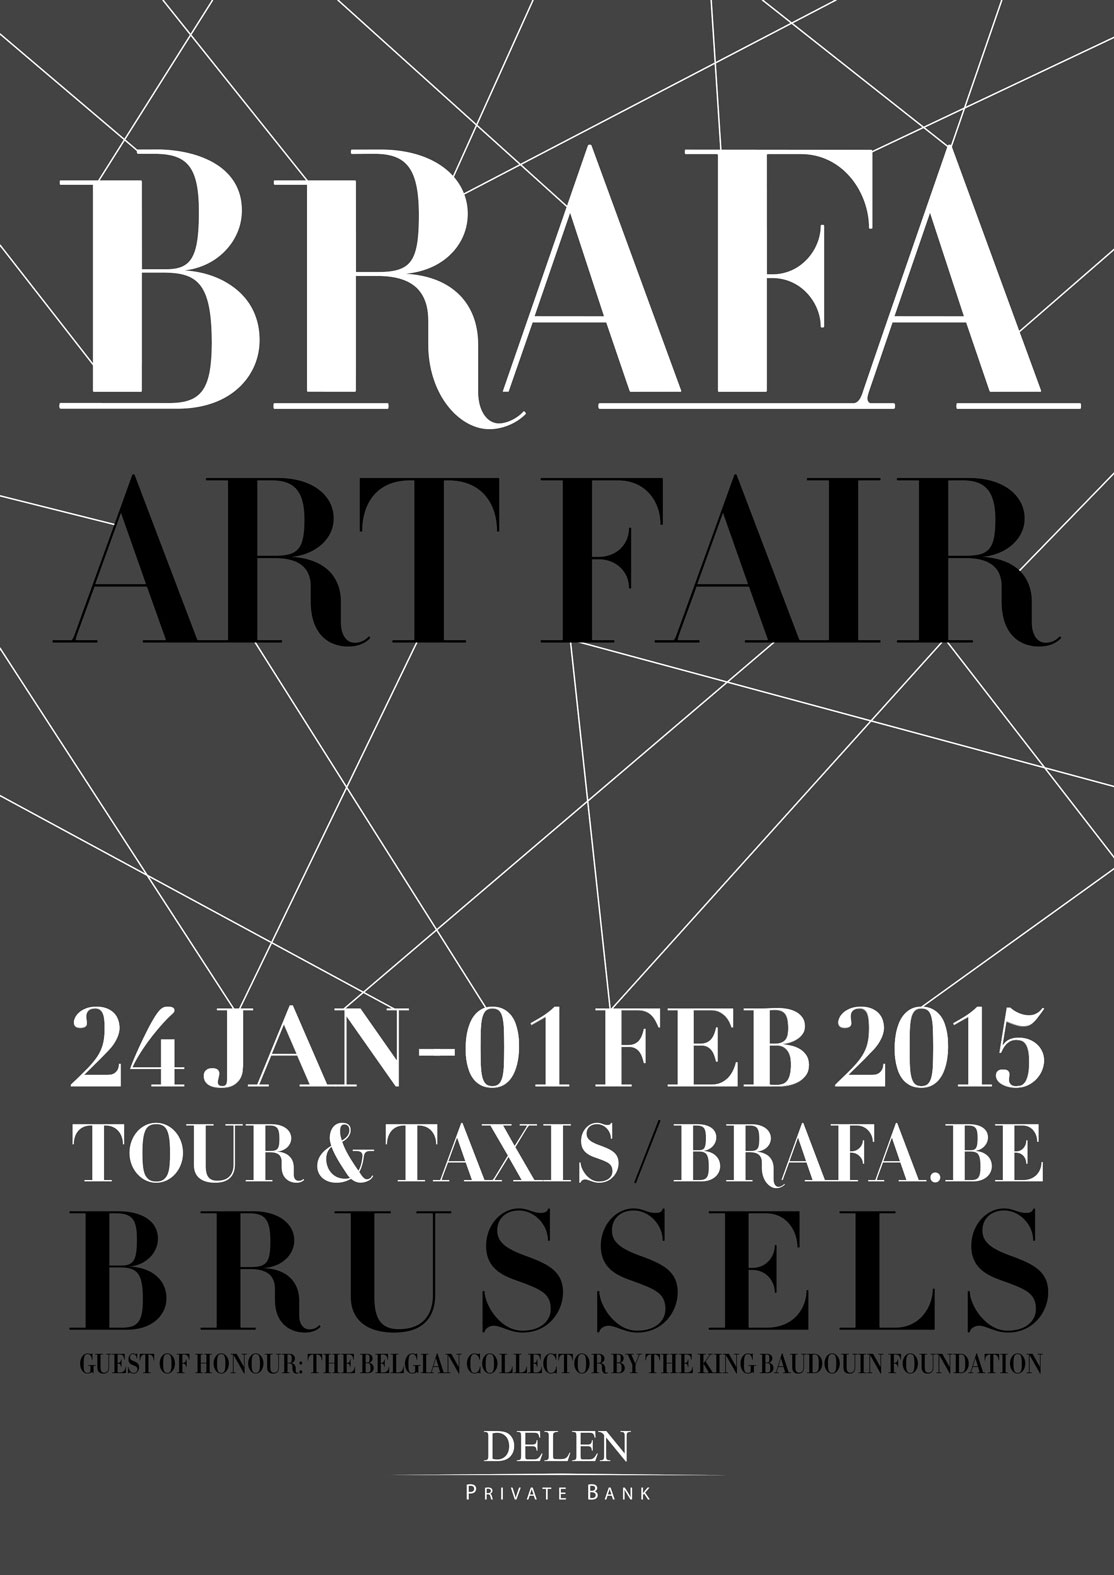 Brafa Fair Announcement